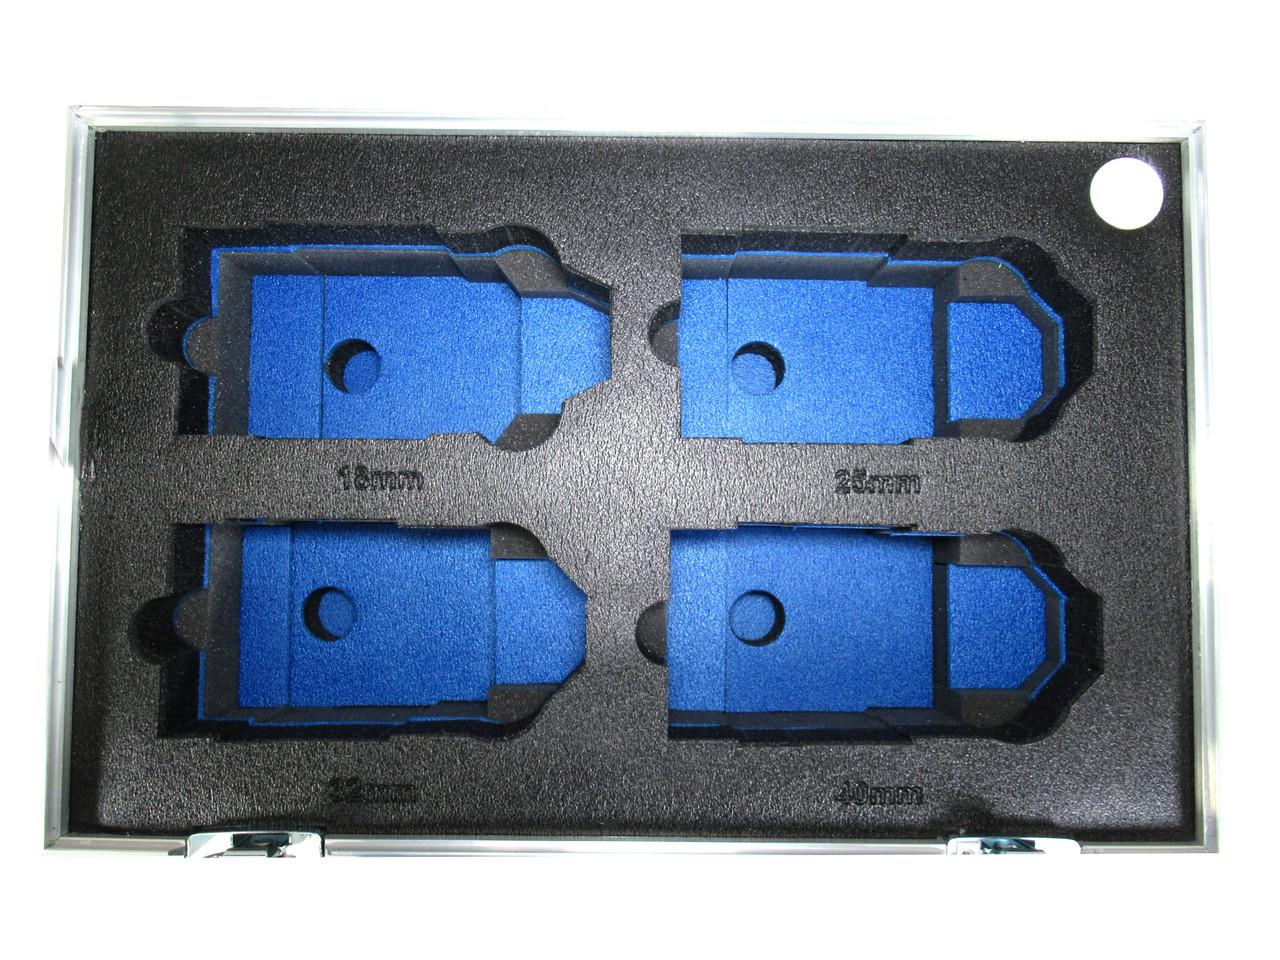 Cooke S7/i Full Frame Plus Primes T2.0 (18,25, 32 & 40mm)